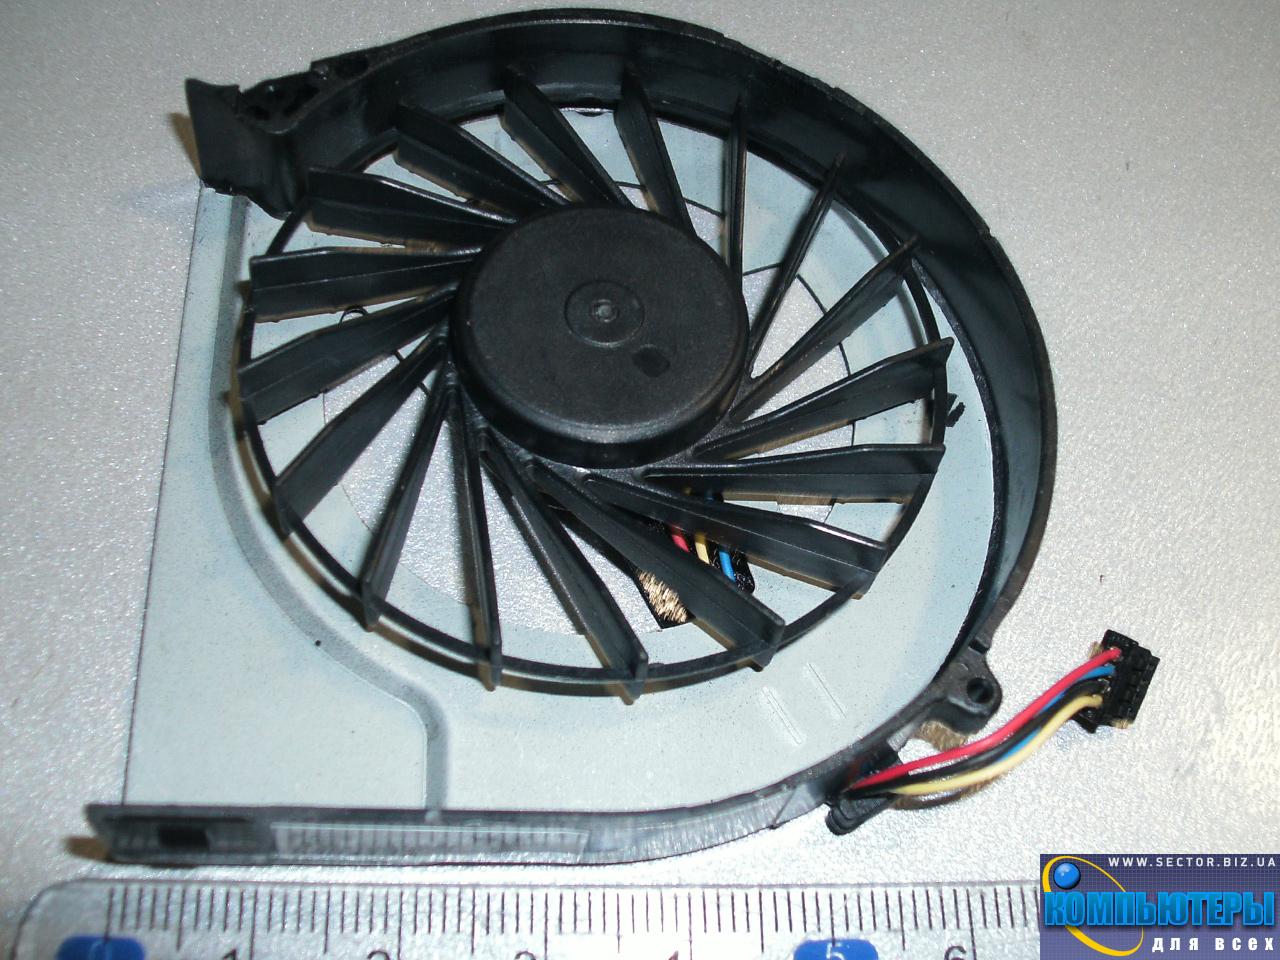 Кулер к ноутбуку HP Pavilion G4-2000 G4-2045TX G4-2006AX G6-2000 G6-2328TX G7-2000 p/n: DFS531205MC0T FB5S 683193-001. Фото № 2.